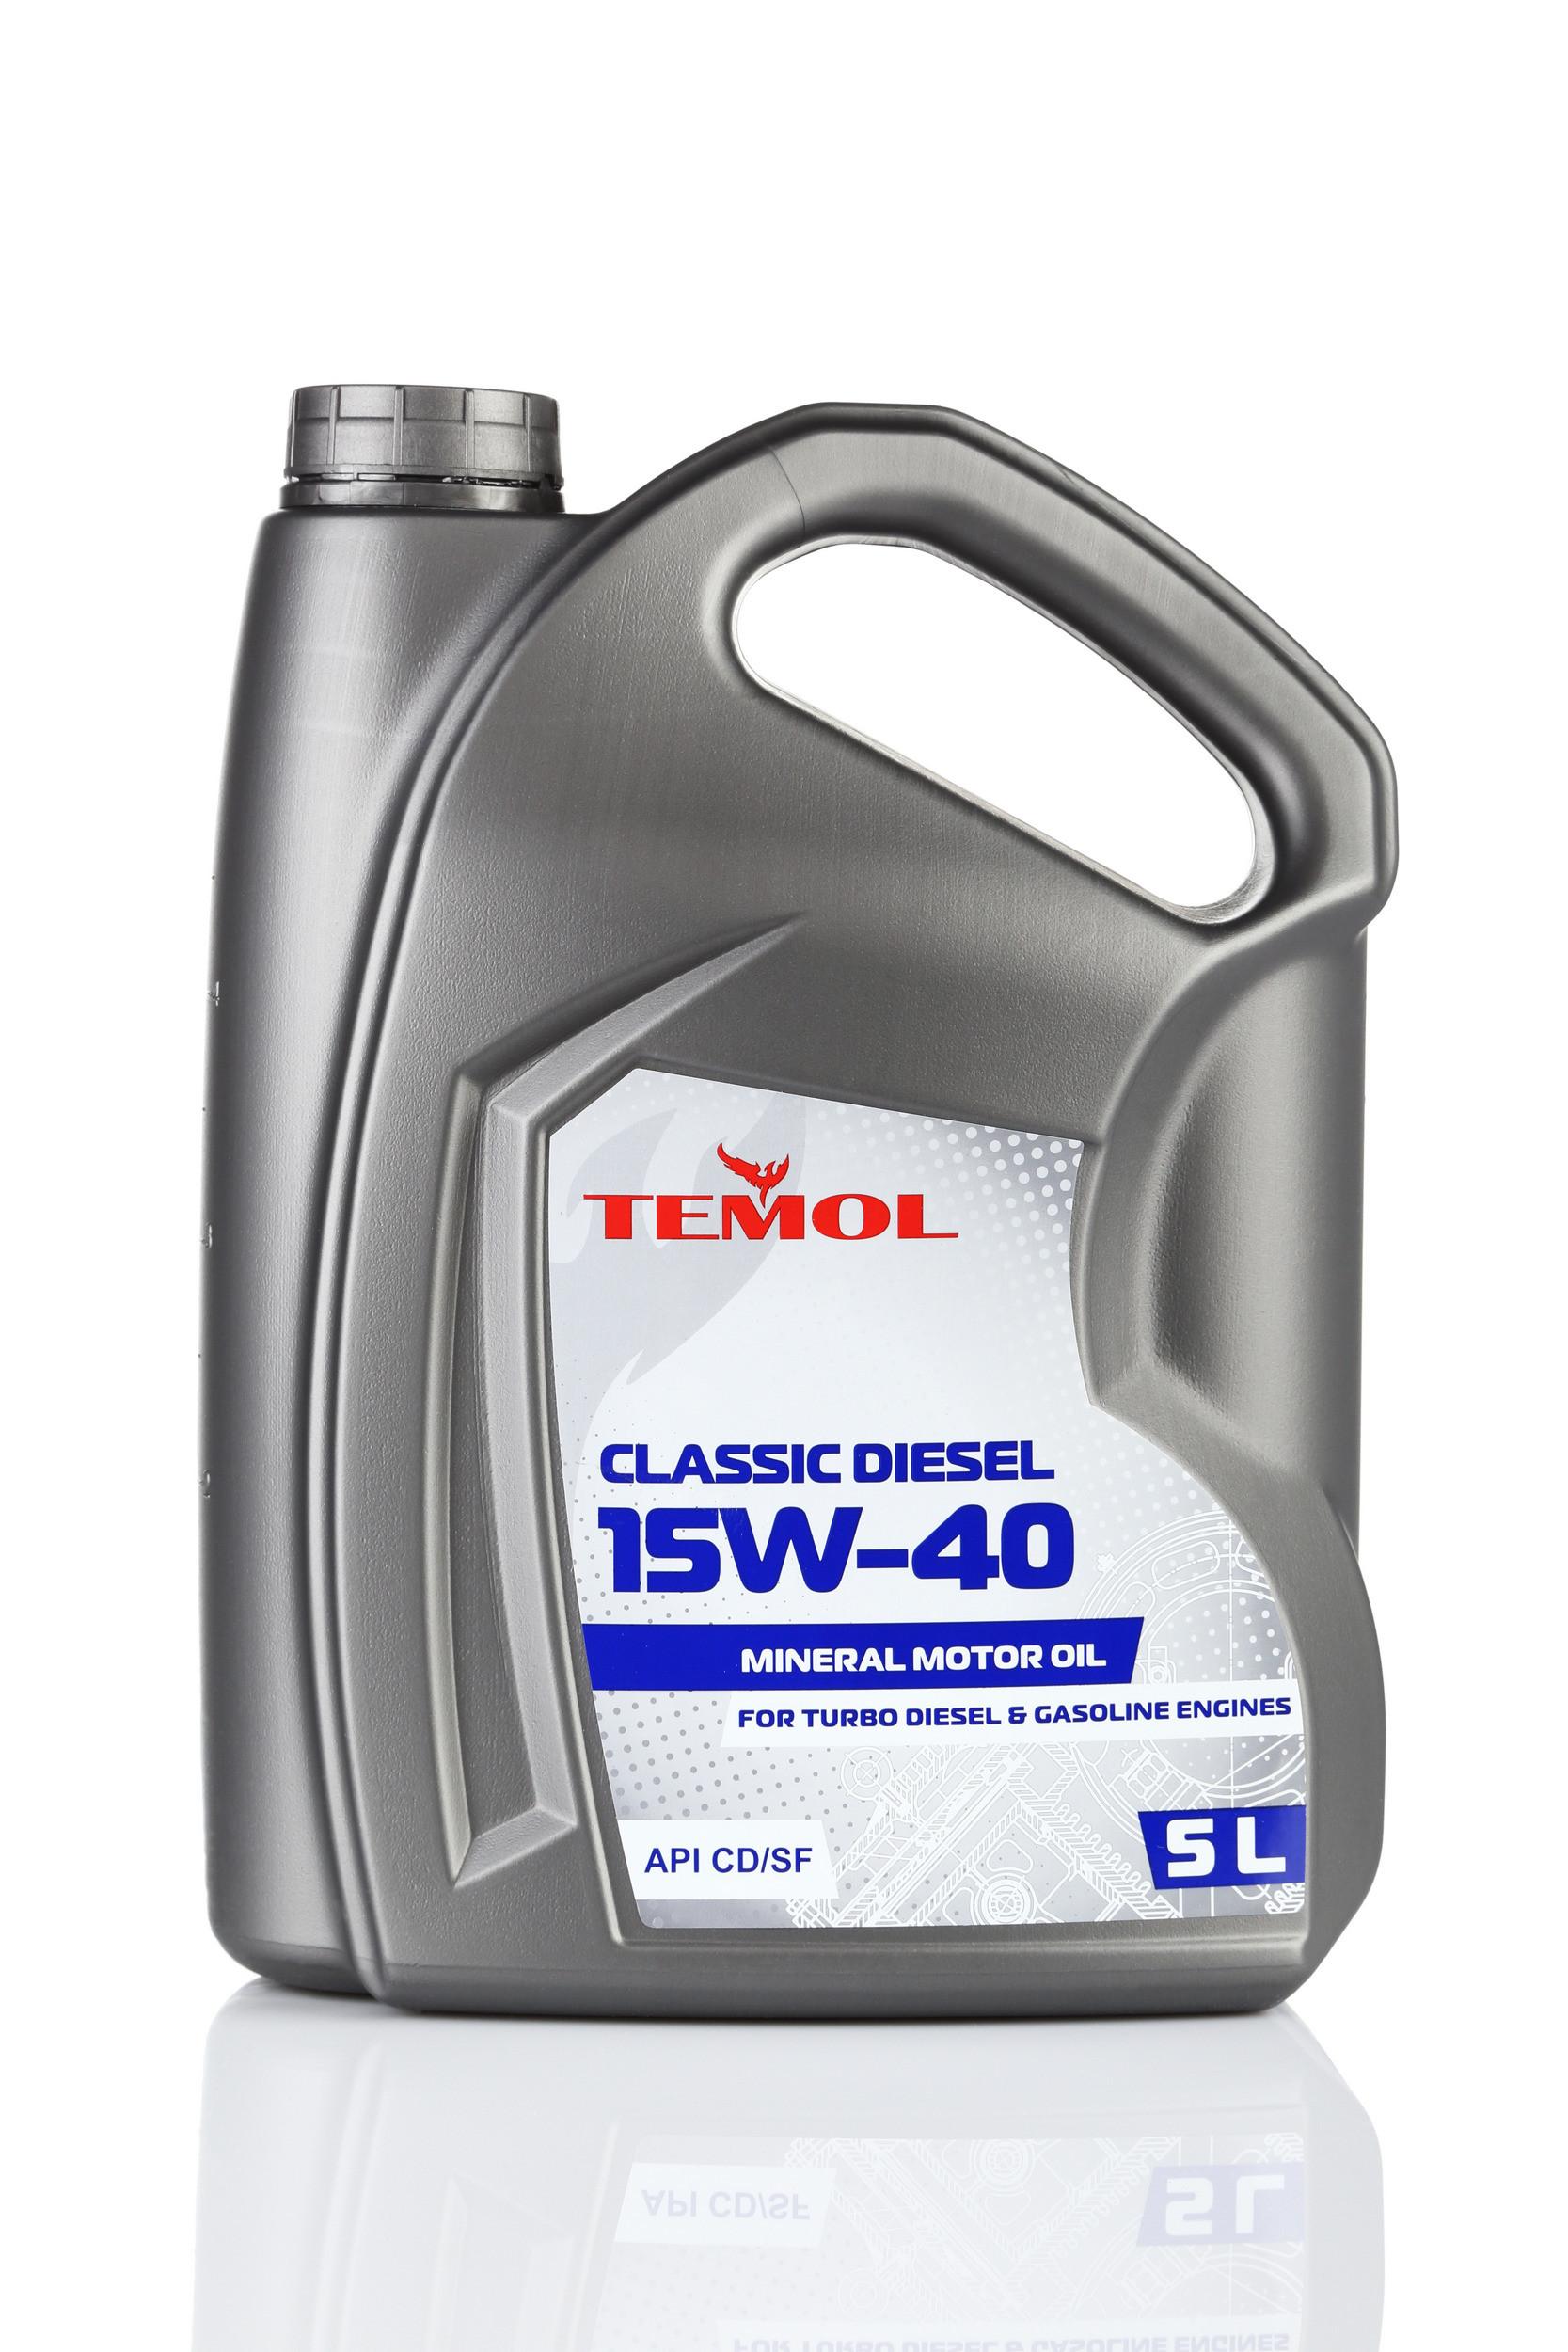 TEMOL CLASSIC DIESEL 15W-40 - 5L - Temol, официальный интернет-магазин